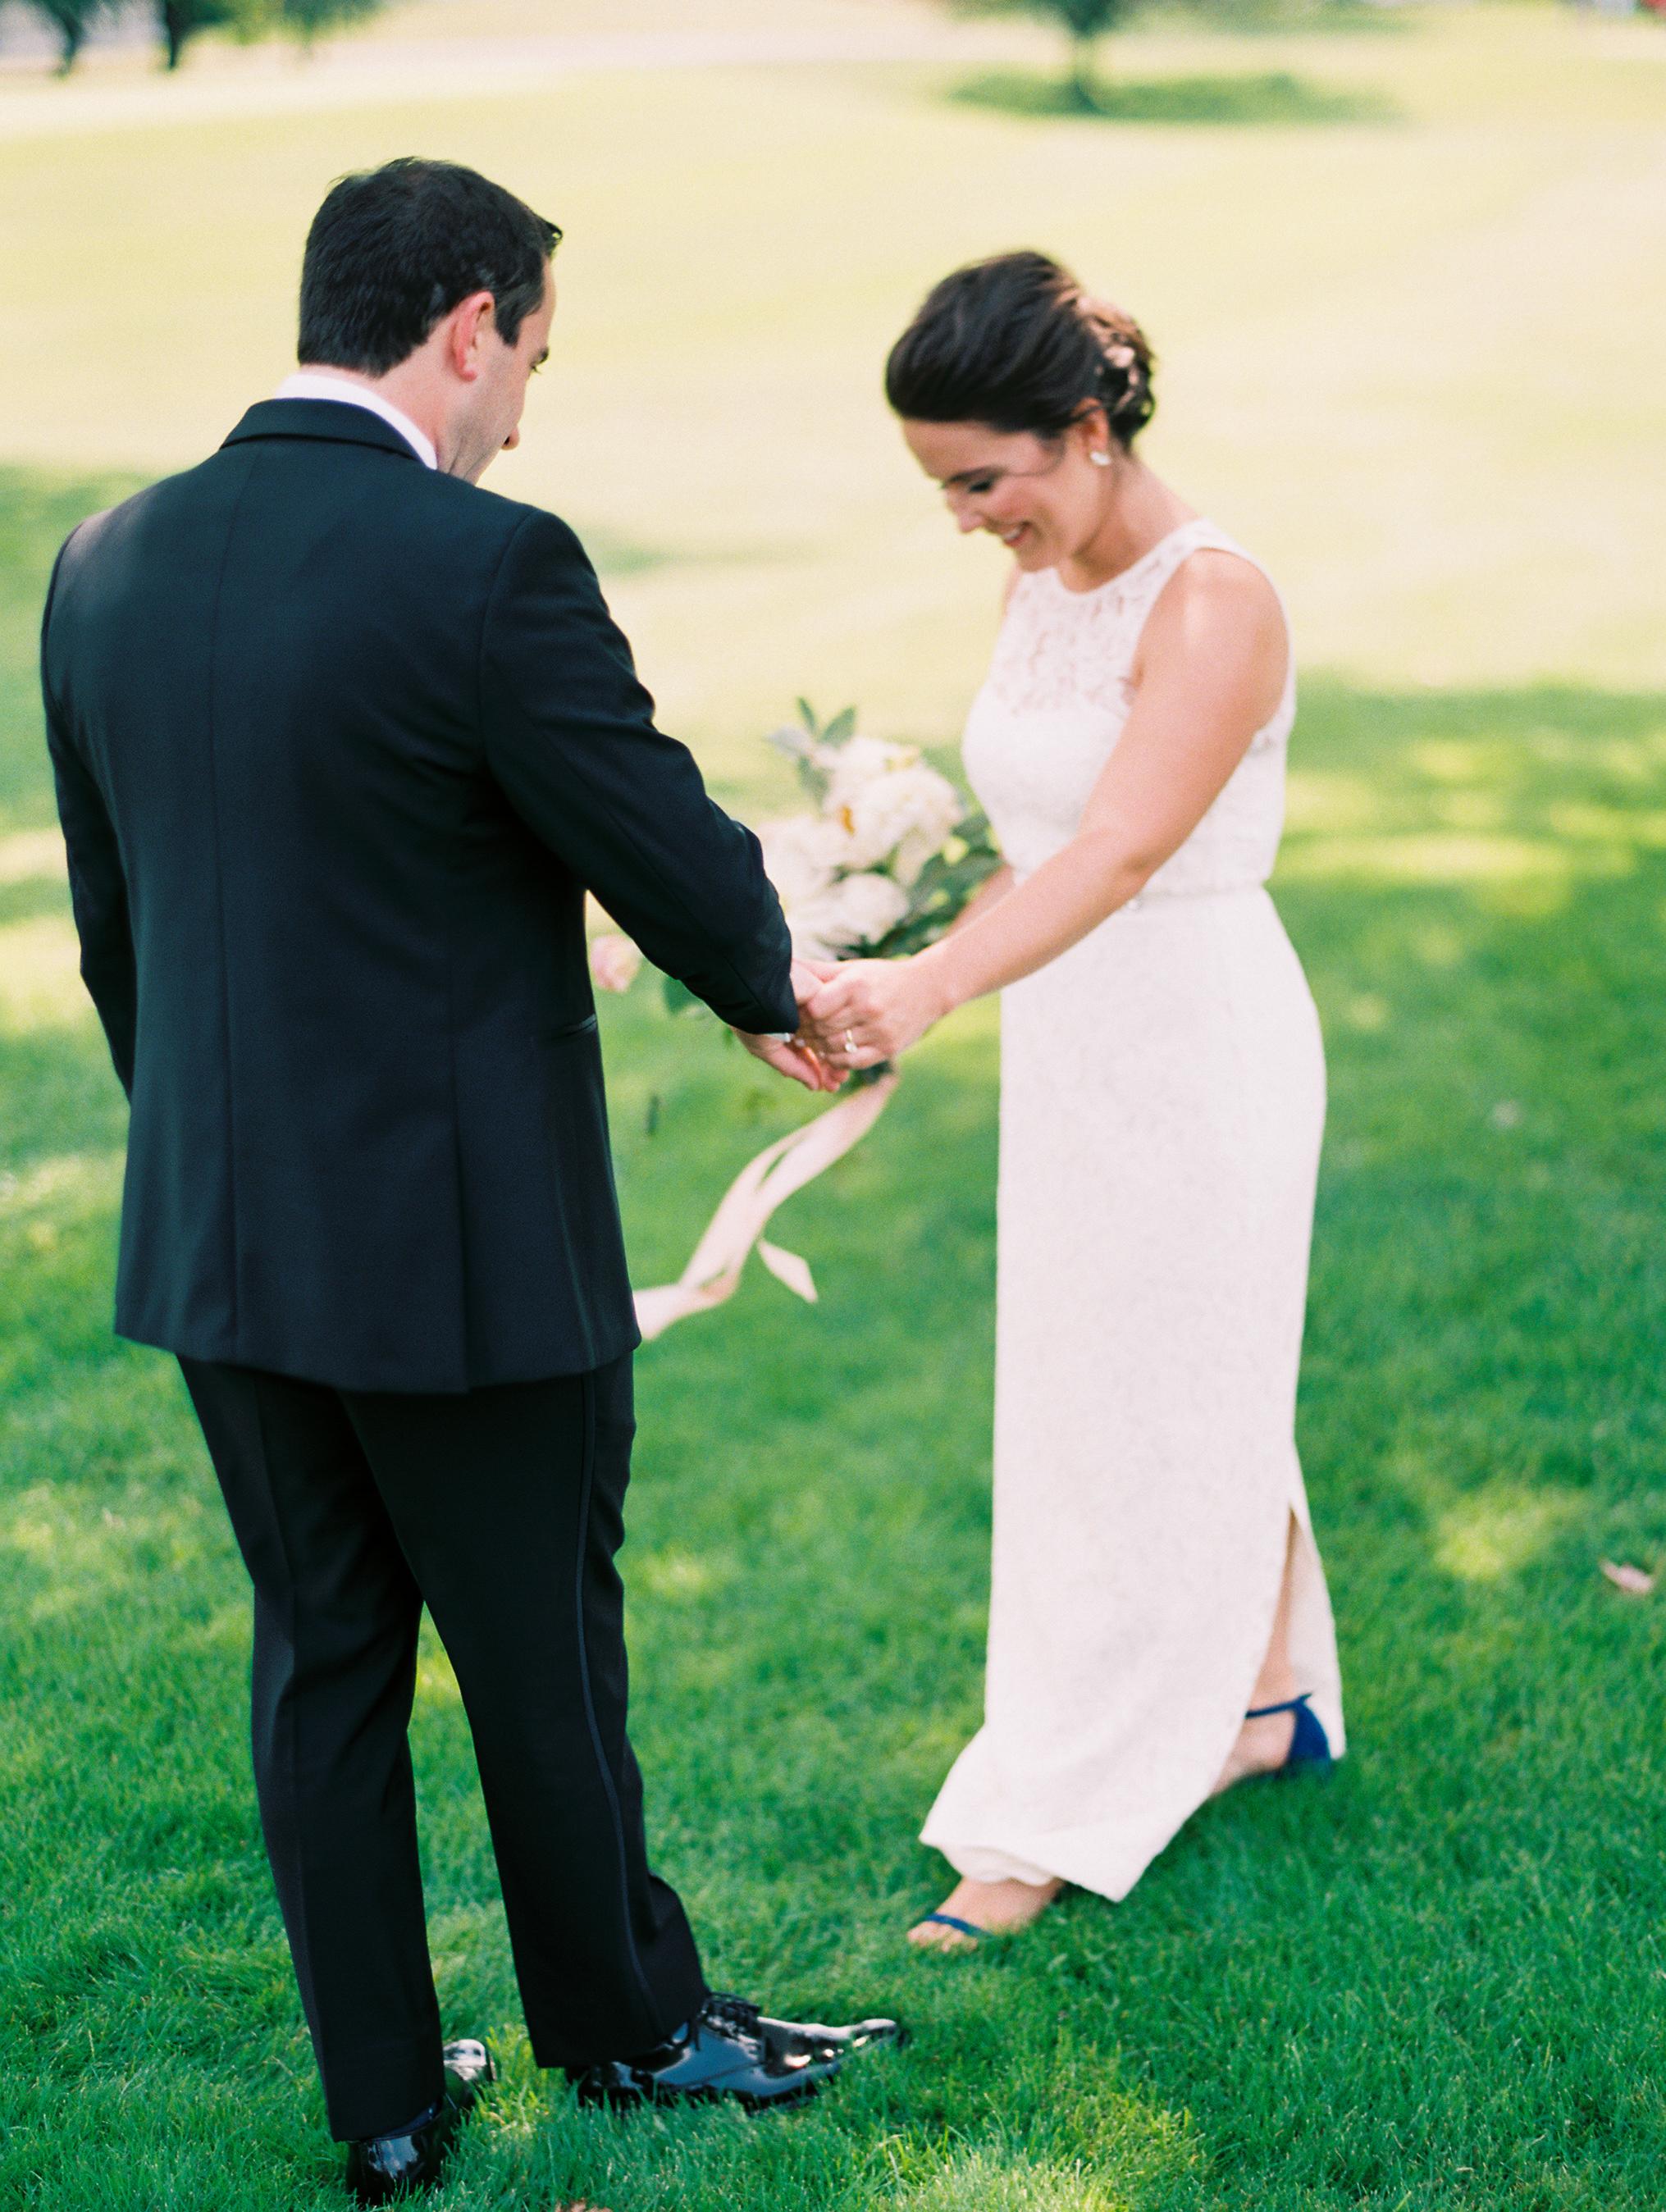 Zoller+Wedding+First+Look-42.jpg